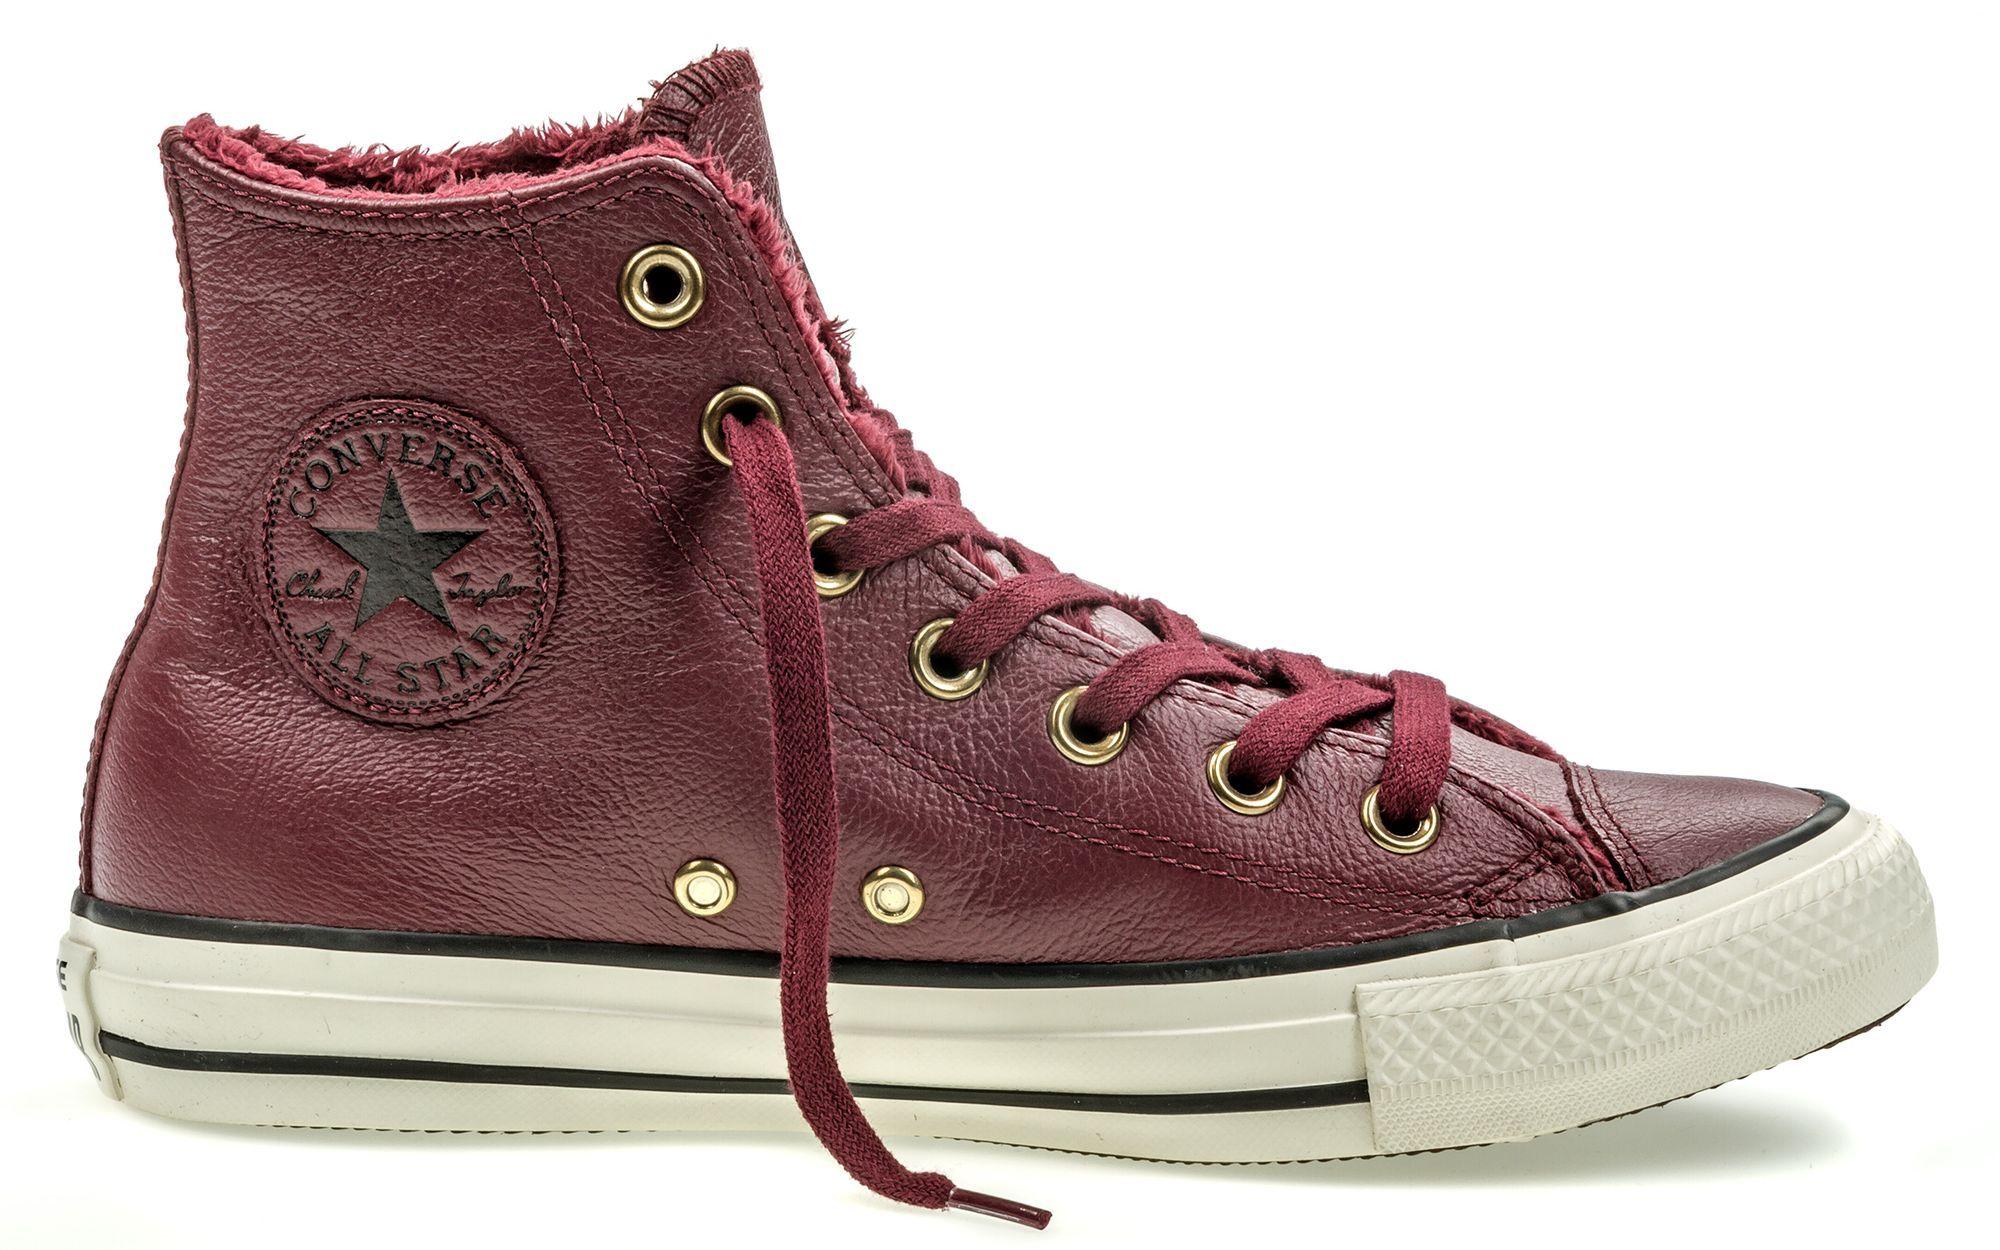 Кеды553365Модные женские кеды Chuck Taylor All Star Winter Knit + Fur от Converse выполнены из натуральной кожи. Внутренняя поверхность и стелька из искусственного меха не дадут ногам замерзнуть. Шнуровка надежно зафиксирует модель на ноге. Подошва дополнена рифлением.